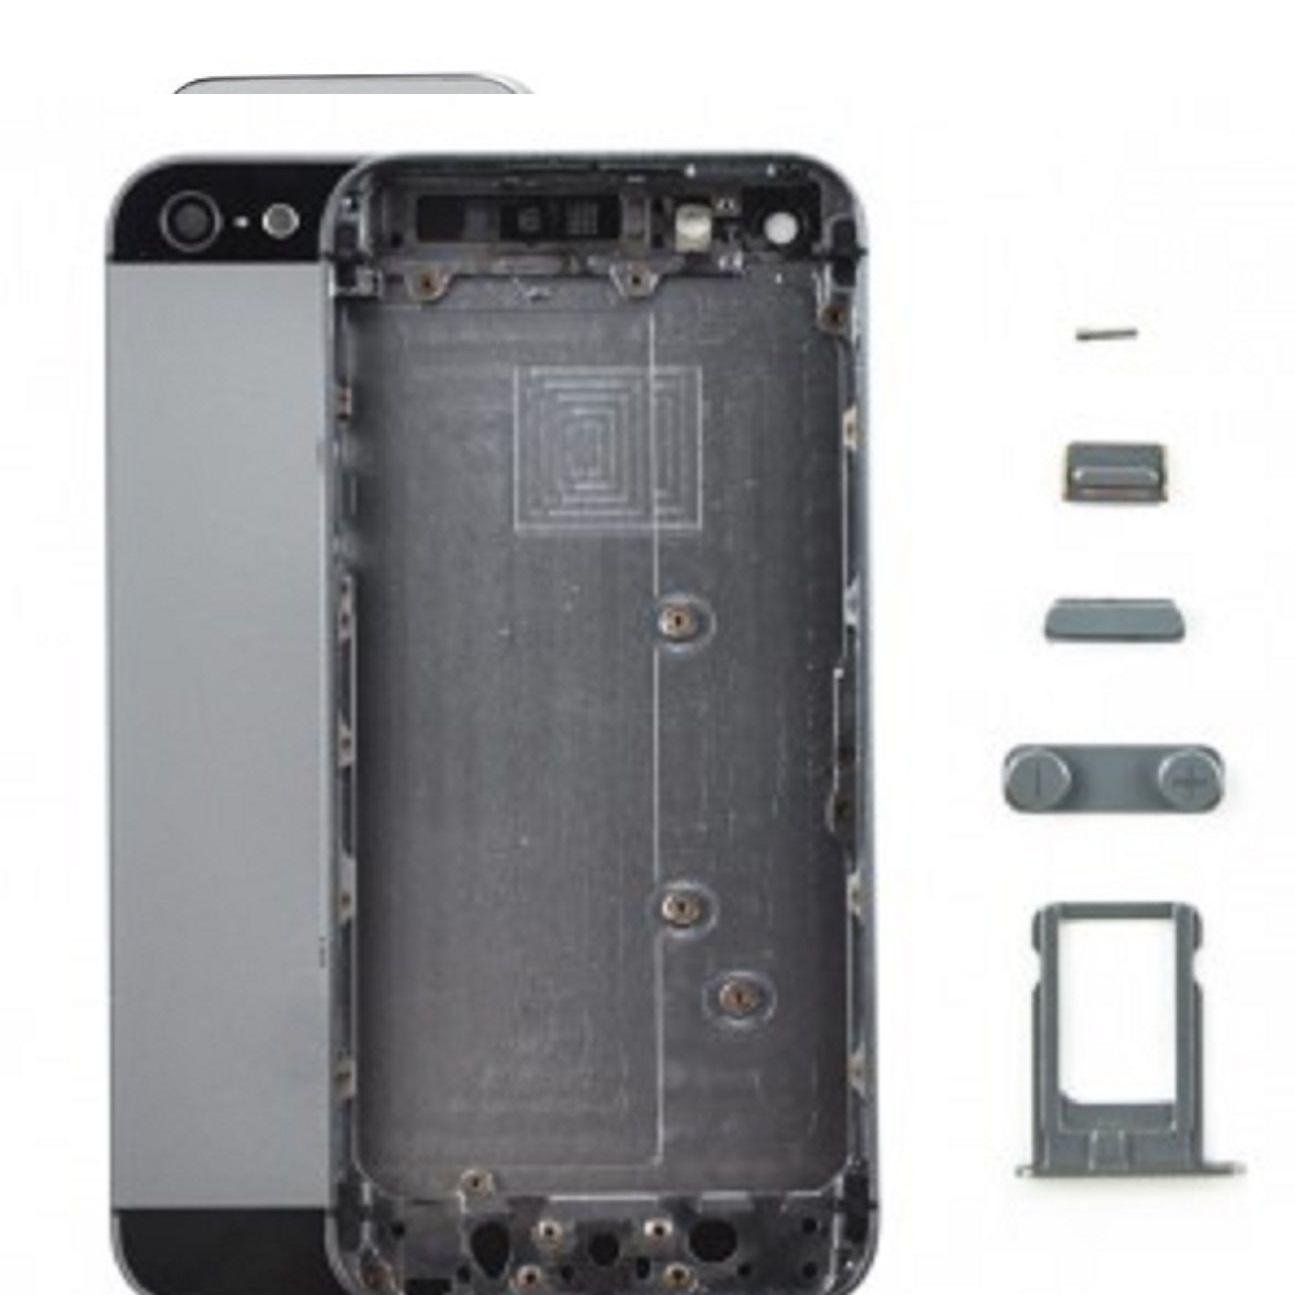 อะไหล่ไอโฟน5 เคสกลางไอโฟน 5 (สีดำ)